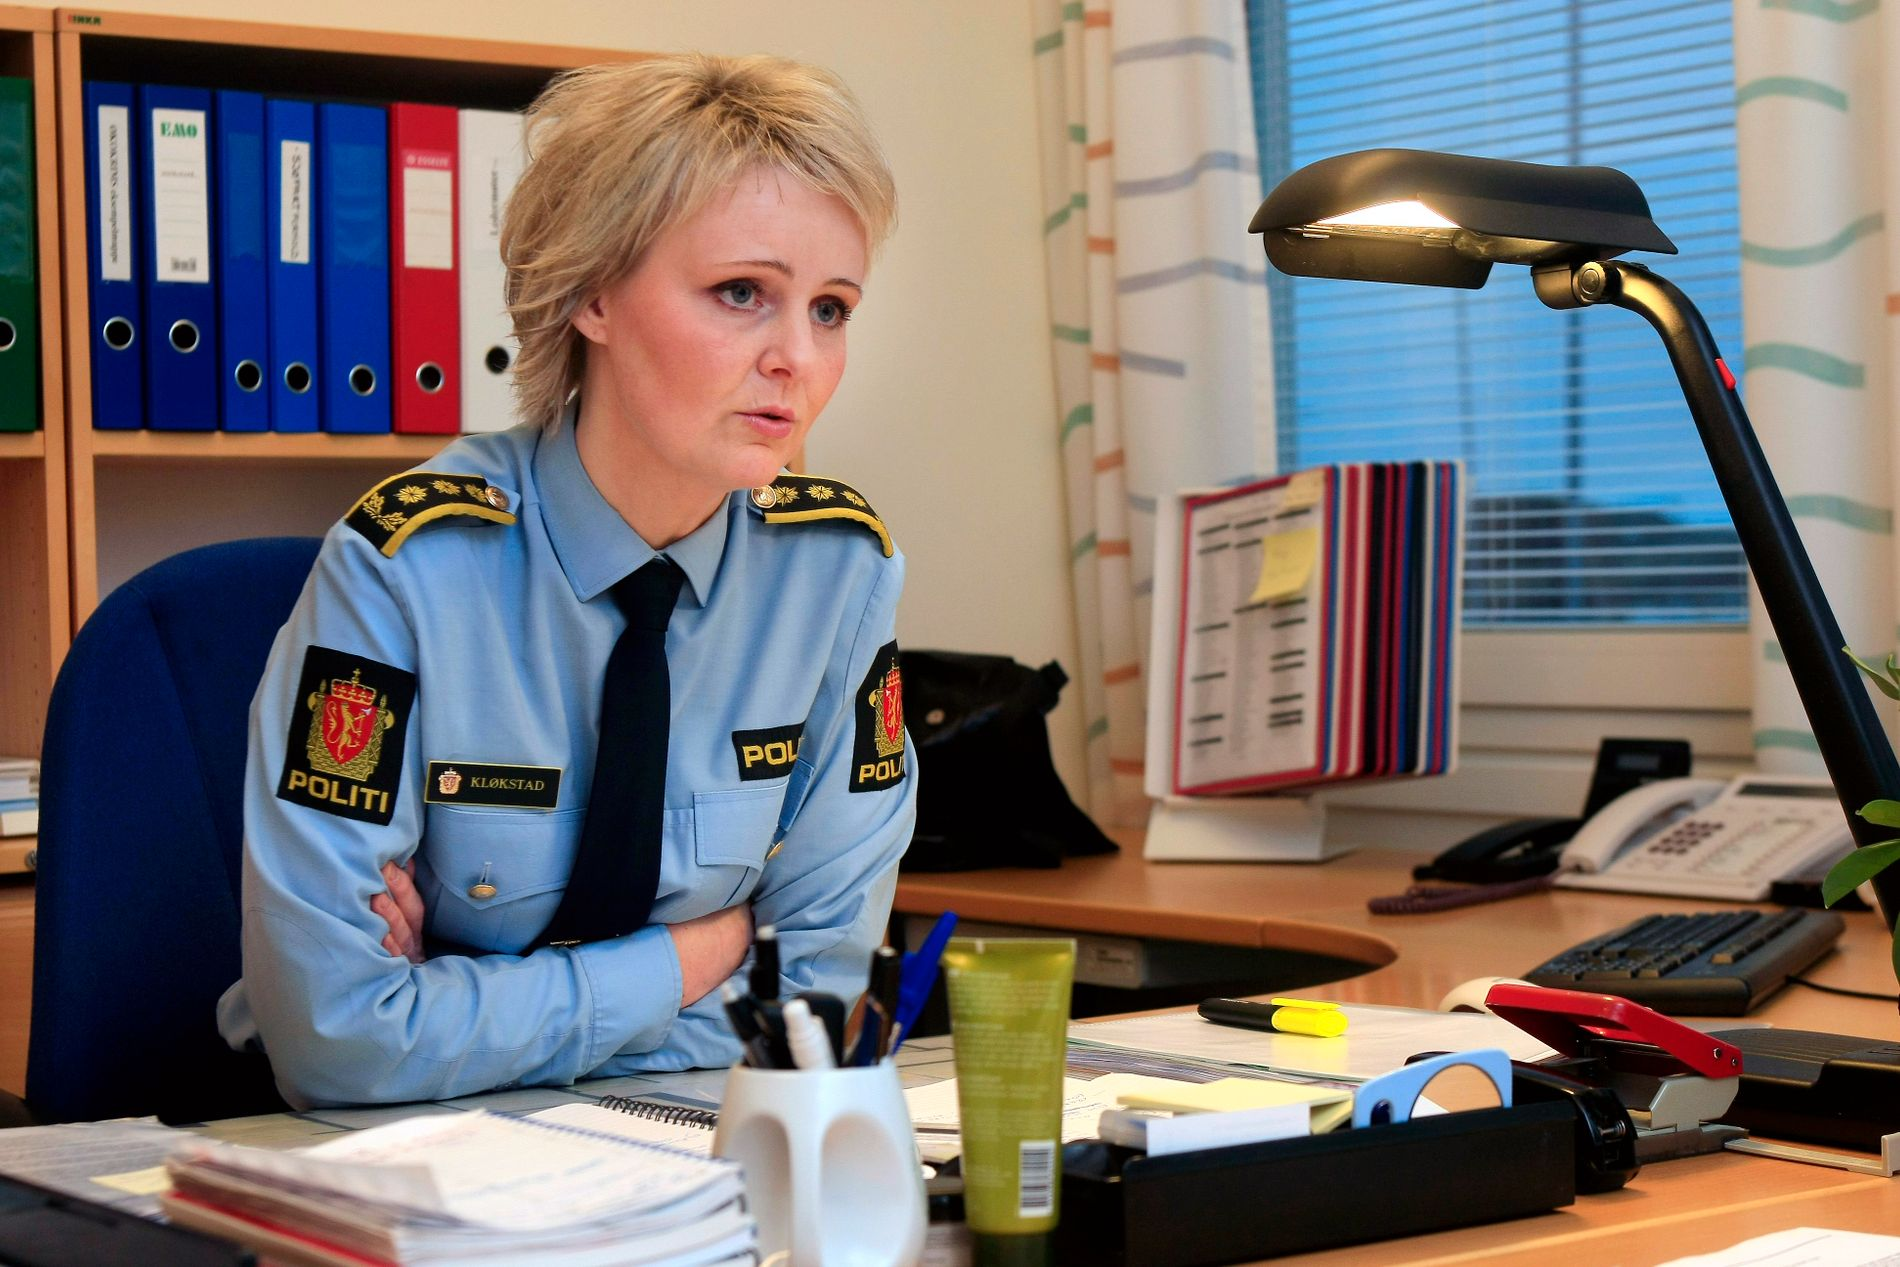 ANMELDT: Visepolitimester Heidi Kløkstad i politiet i Nordland opplyser at de har mottatt en anmeldelse mot en tidligere lensmann i Tysfjord.